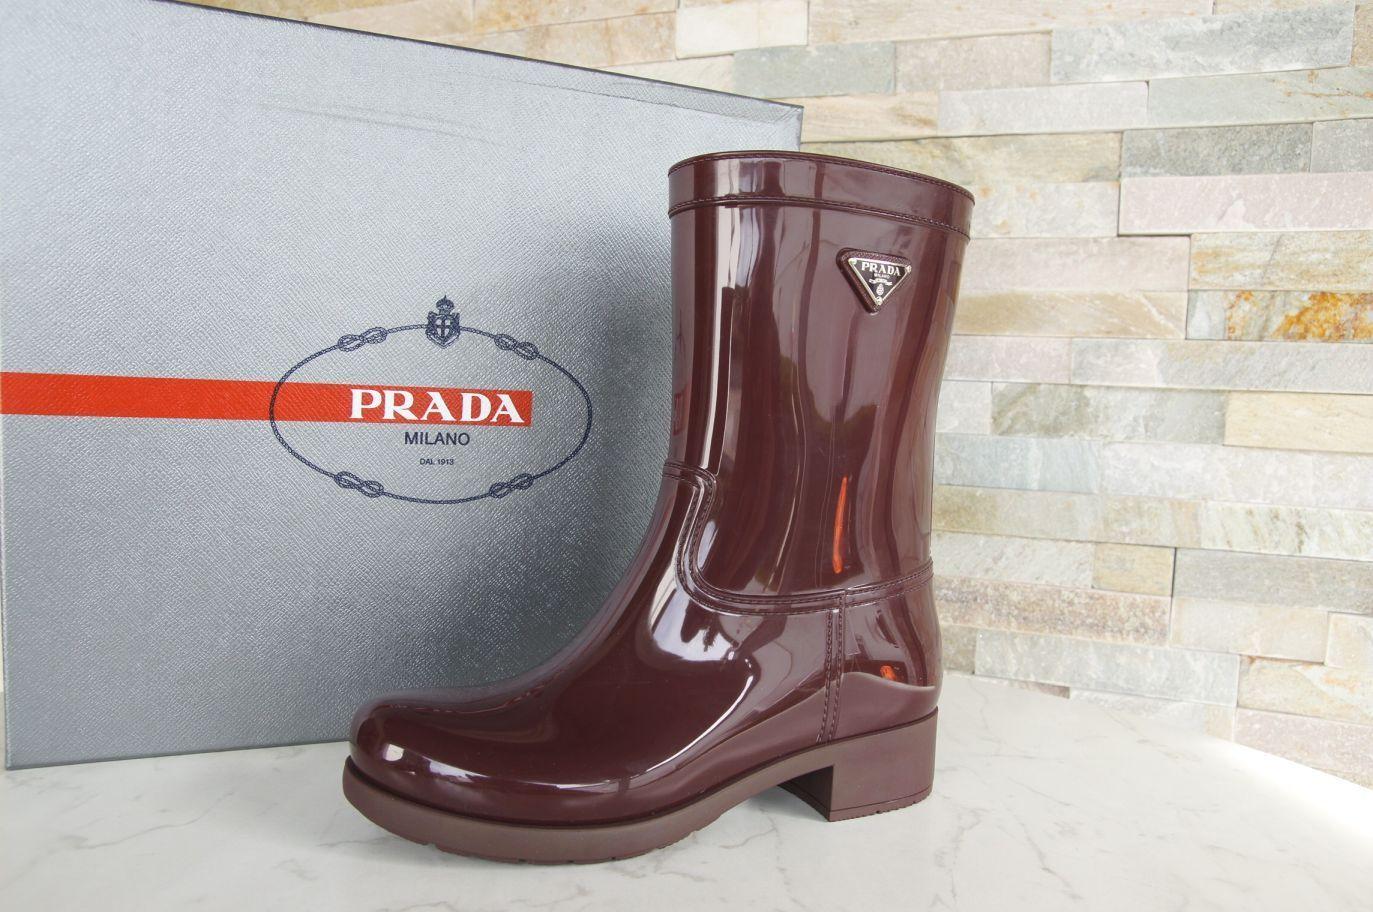 Prada 37 fell botas de goma lluvia rubber botas zapatos burdeos nuevo ex PVP